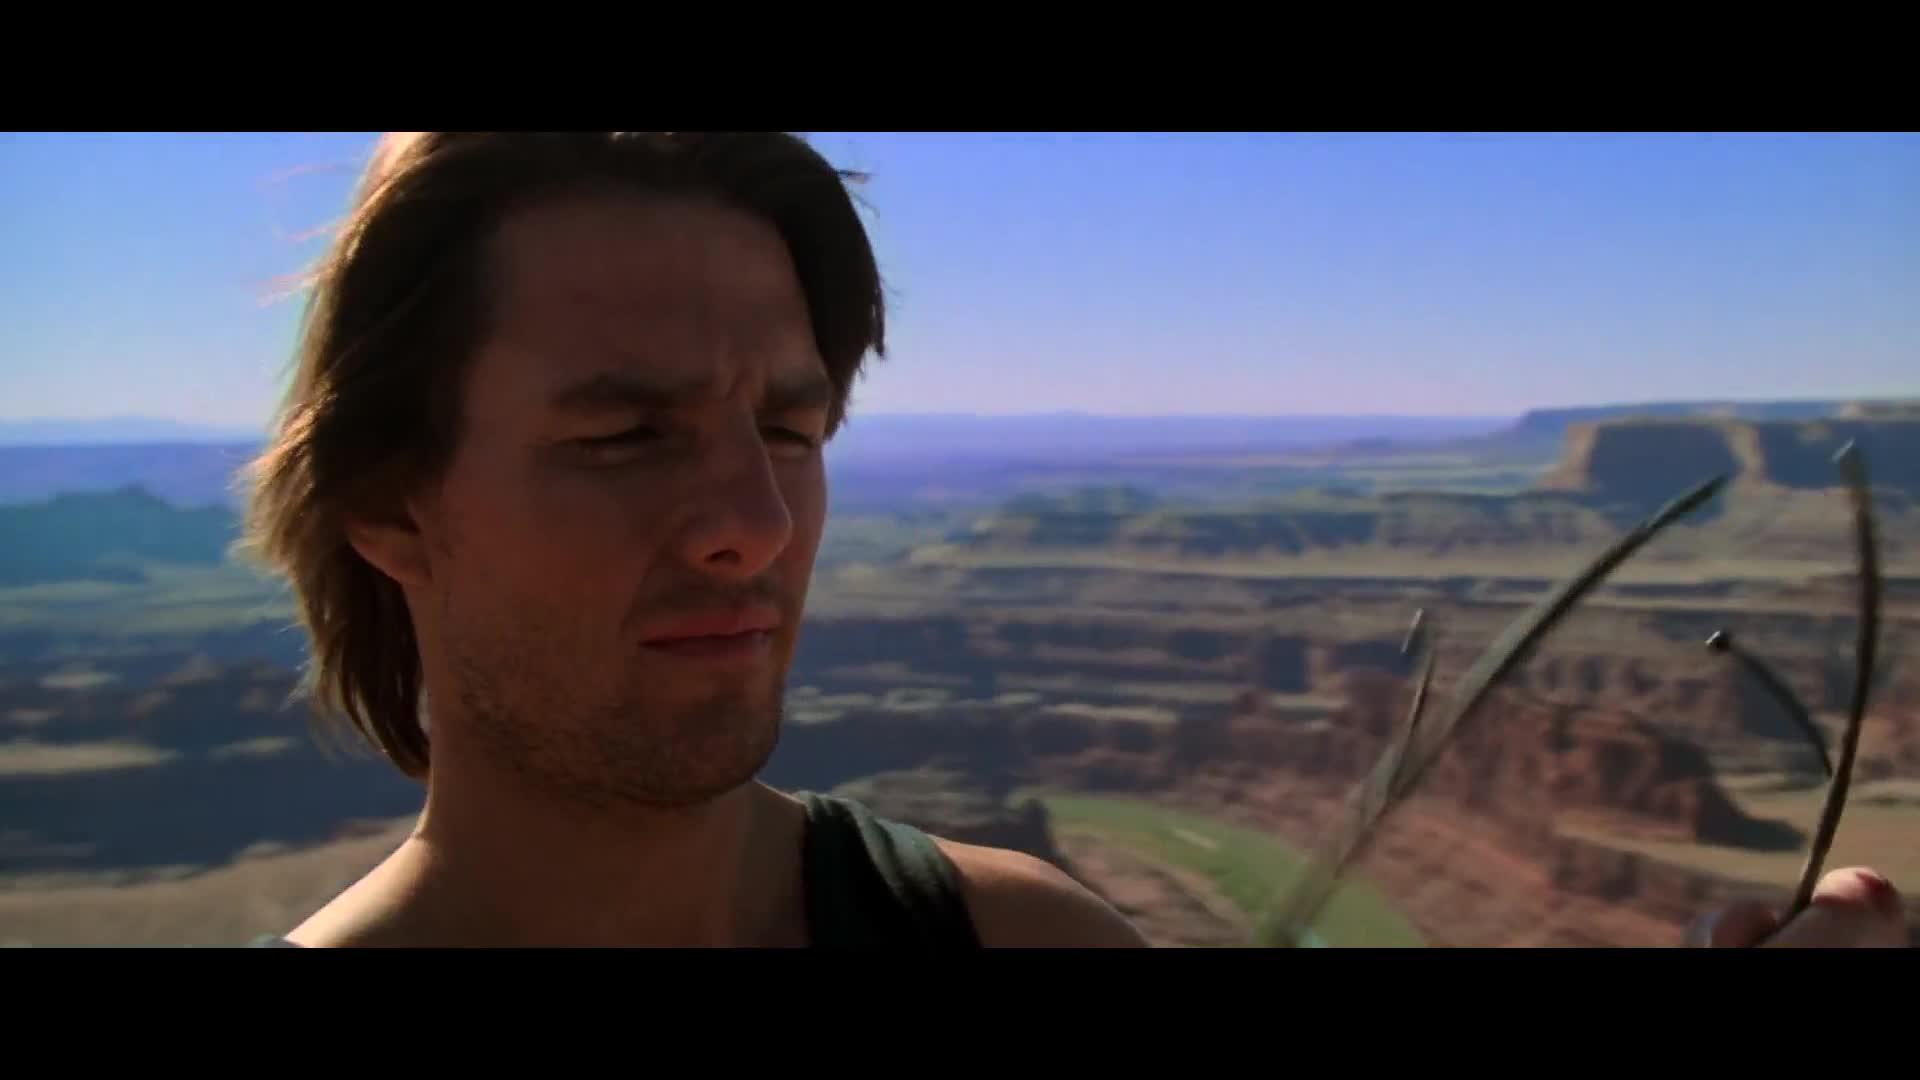 Mission Impossible 2 มิชชั่น อิมพอสซิเบิ้ล ผ่าปฏิบัติการสะท้านโลก 2 (2000)